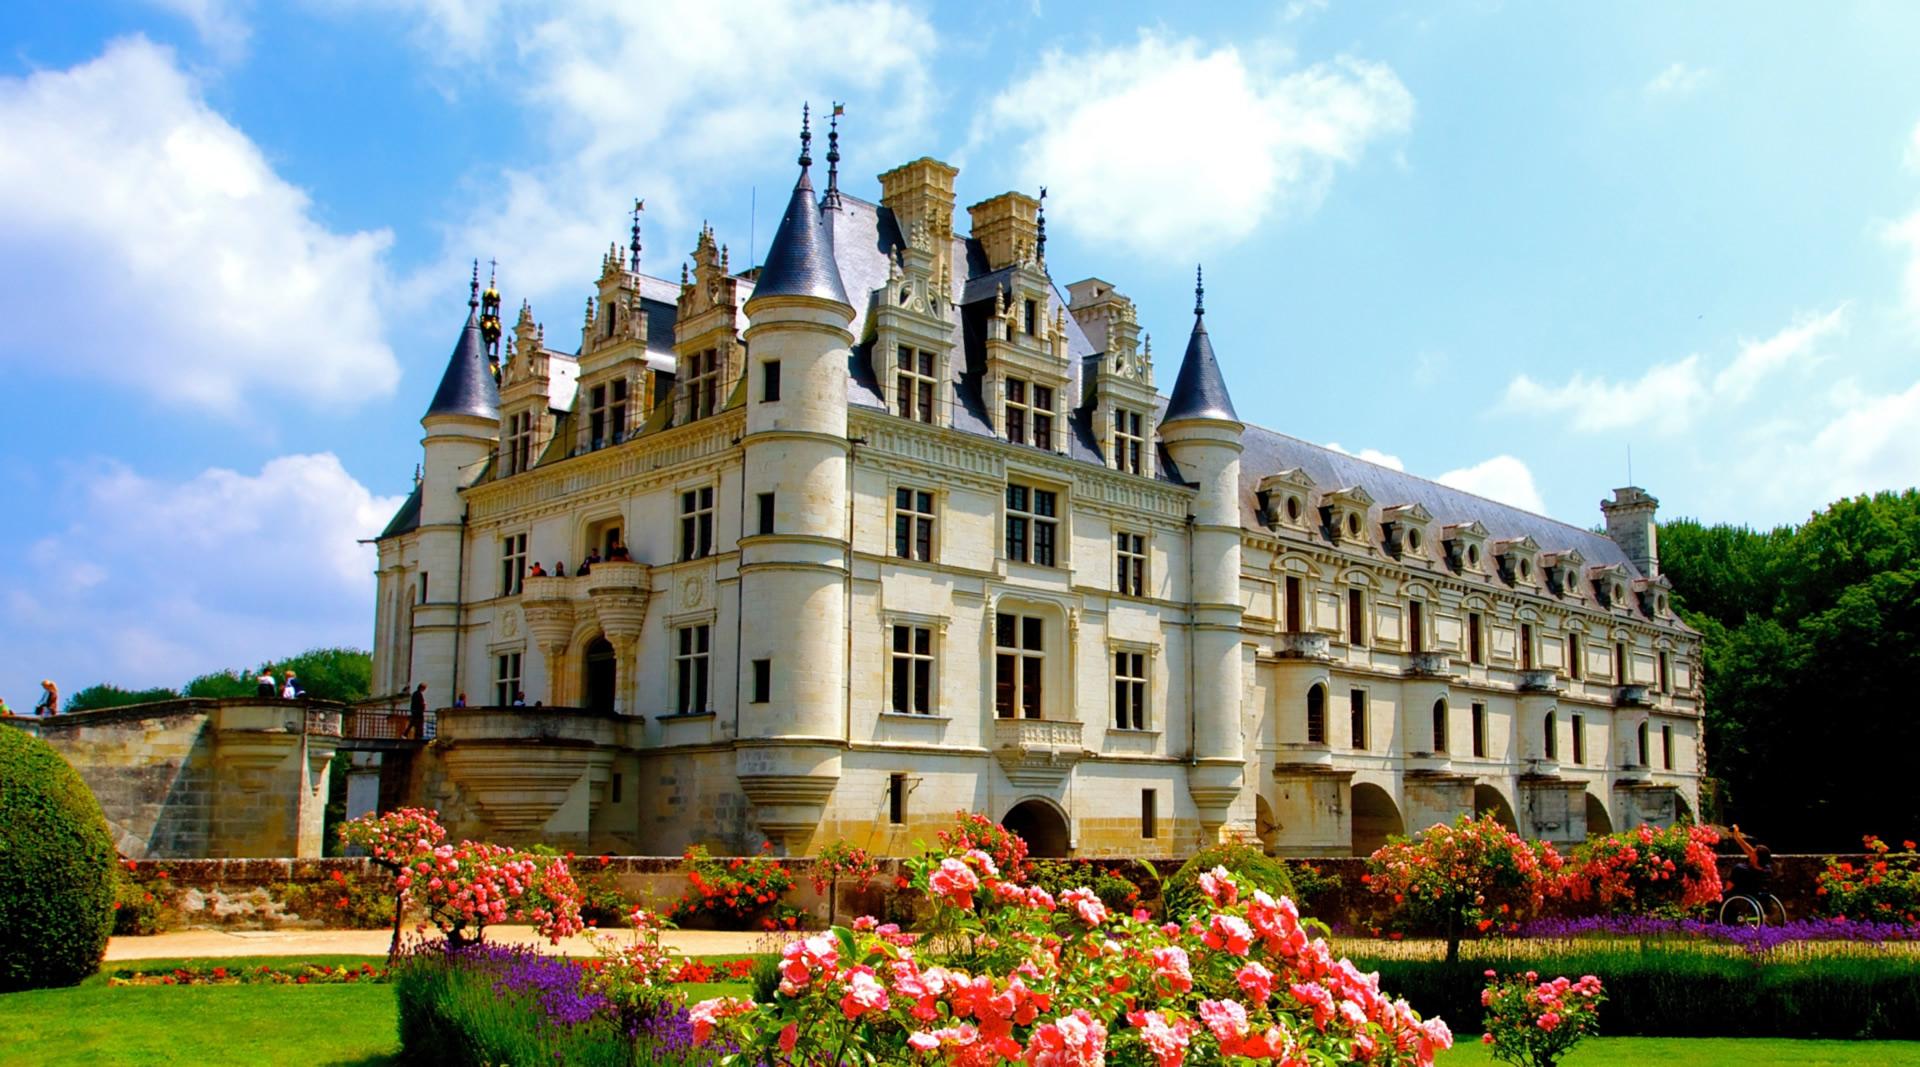 法国卢瓦河谷城堡